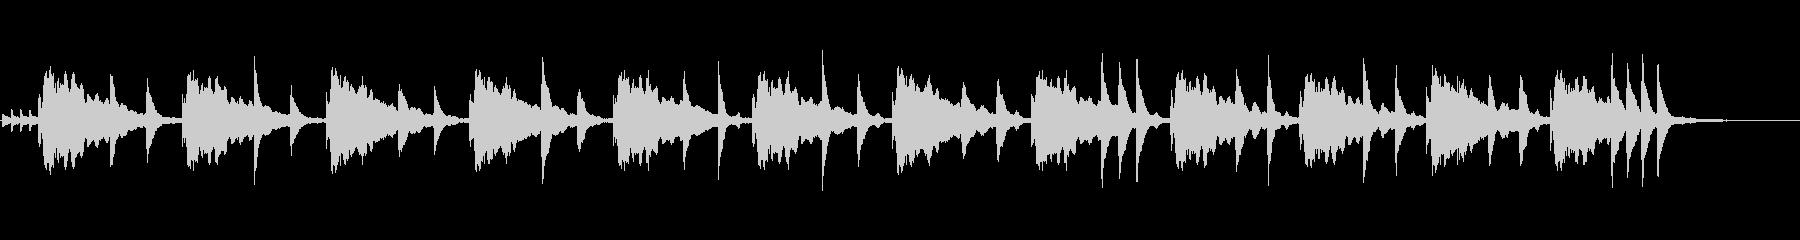 クイズの考え中(シンキングタイム)の曲の未再生の波形